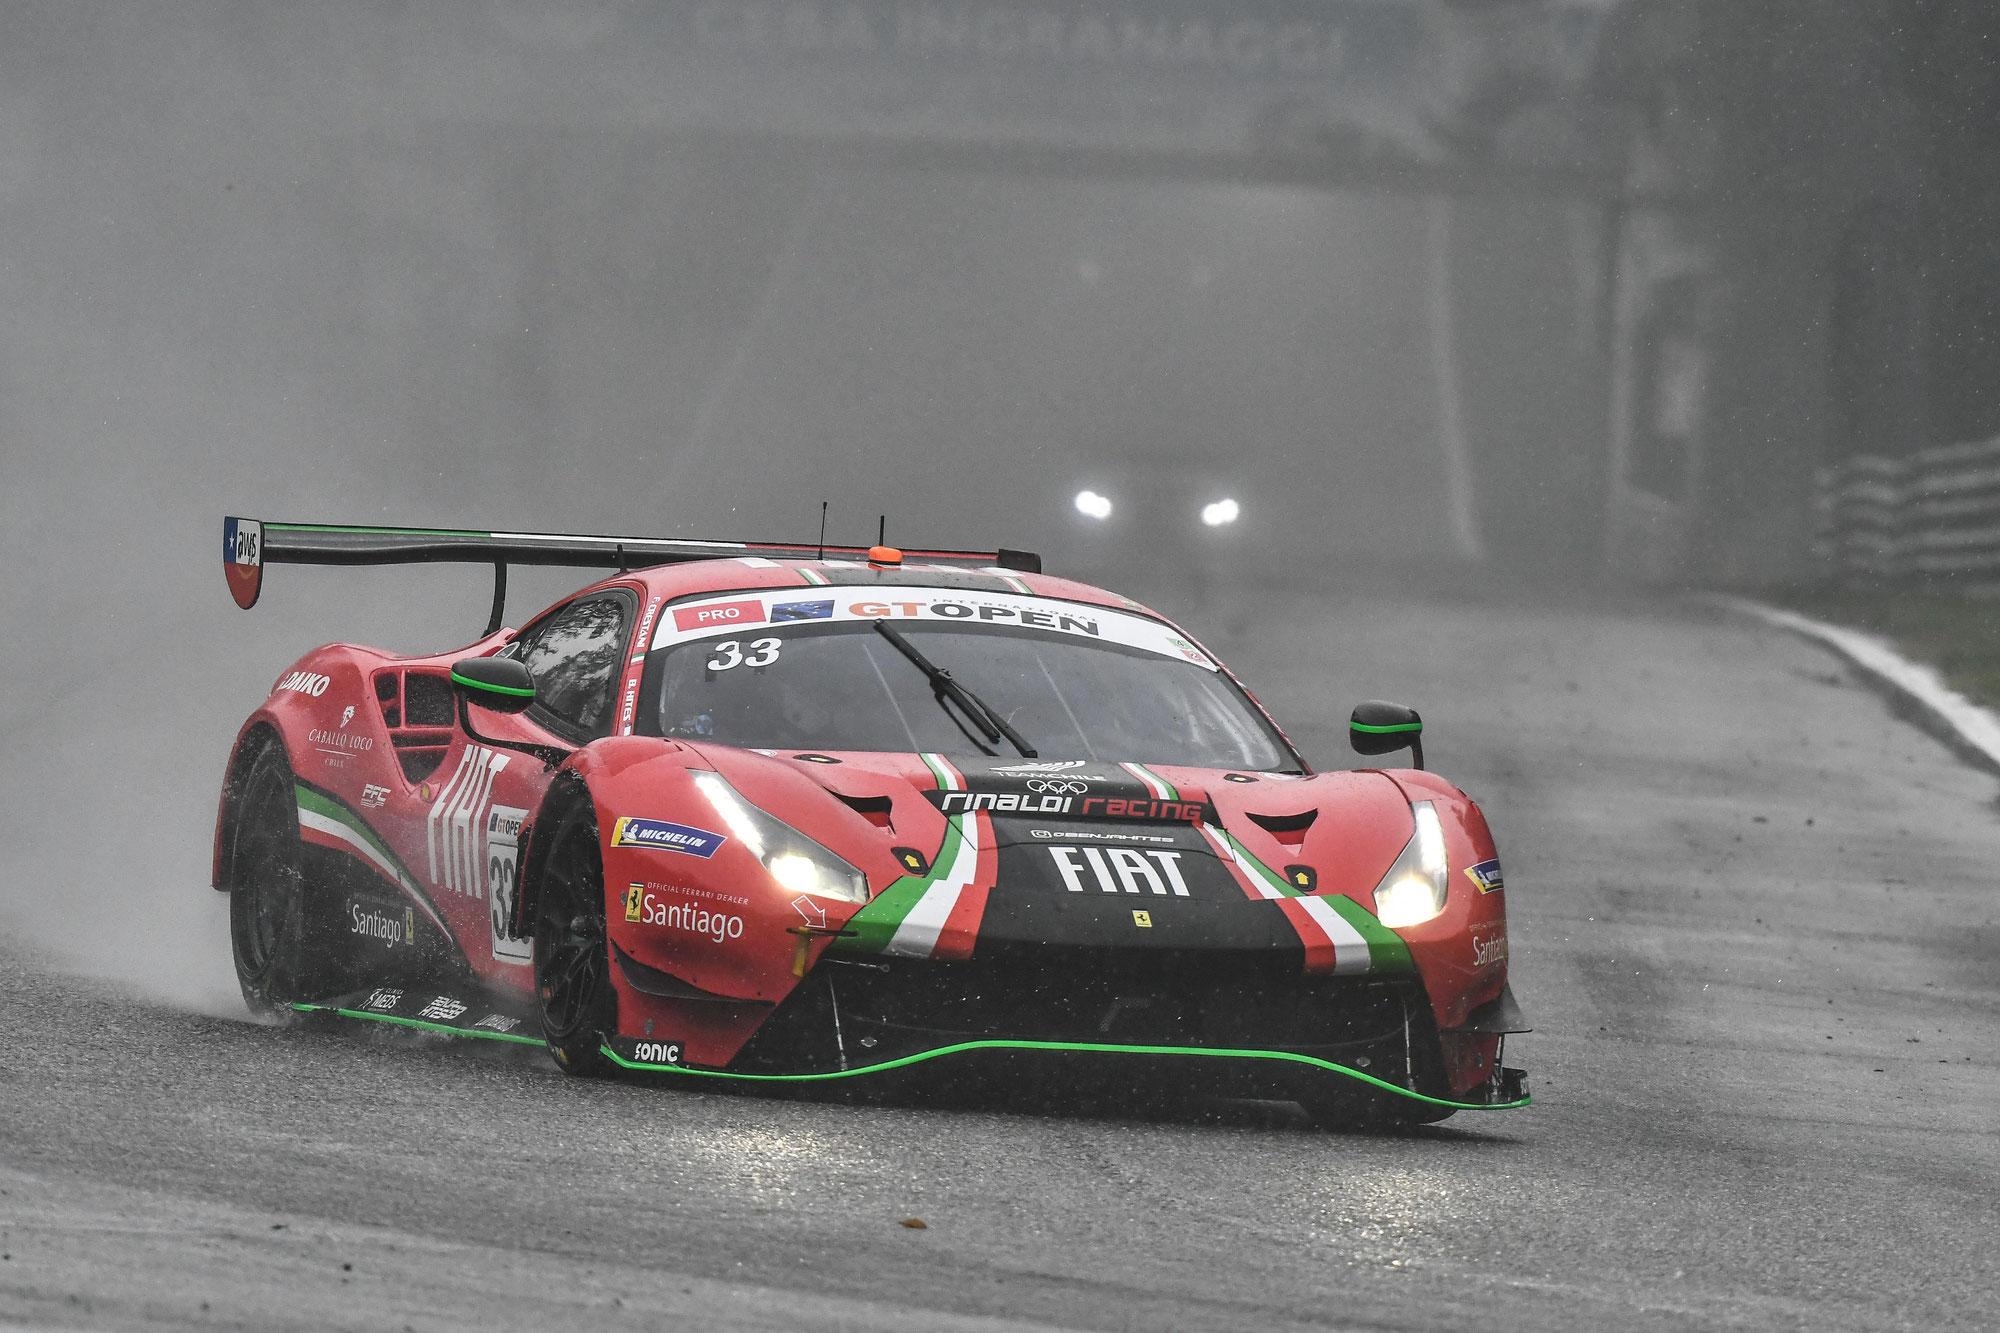 Rinaldi Racing feiert siegreiches Comeback in der GT Open - Inception Racing nach Pole-Position nur auf Rang 13